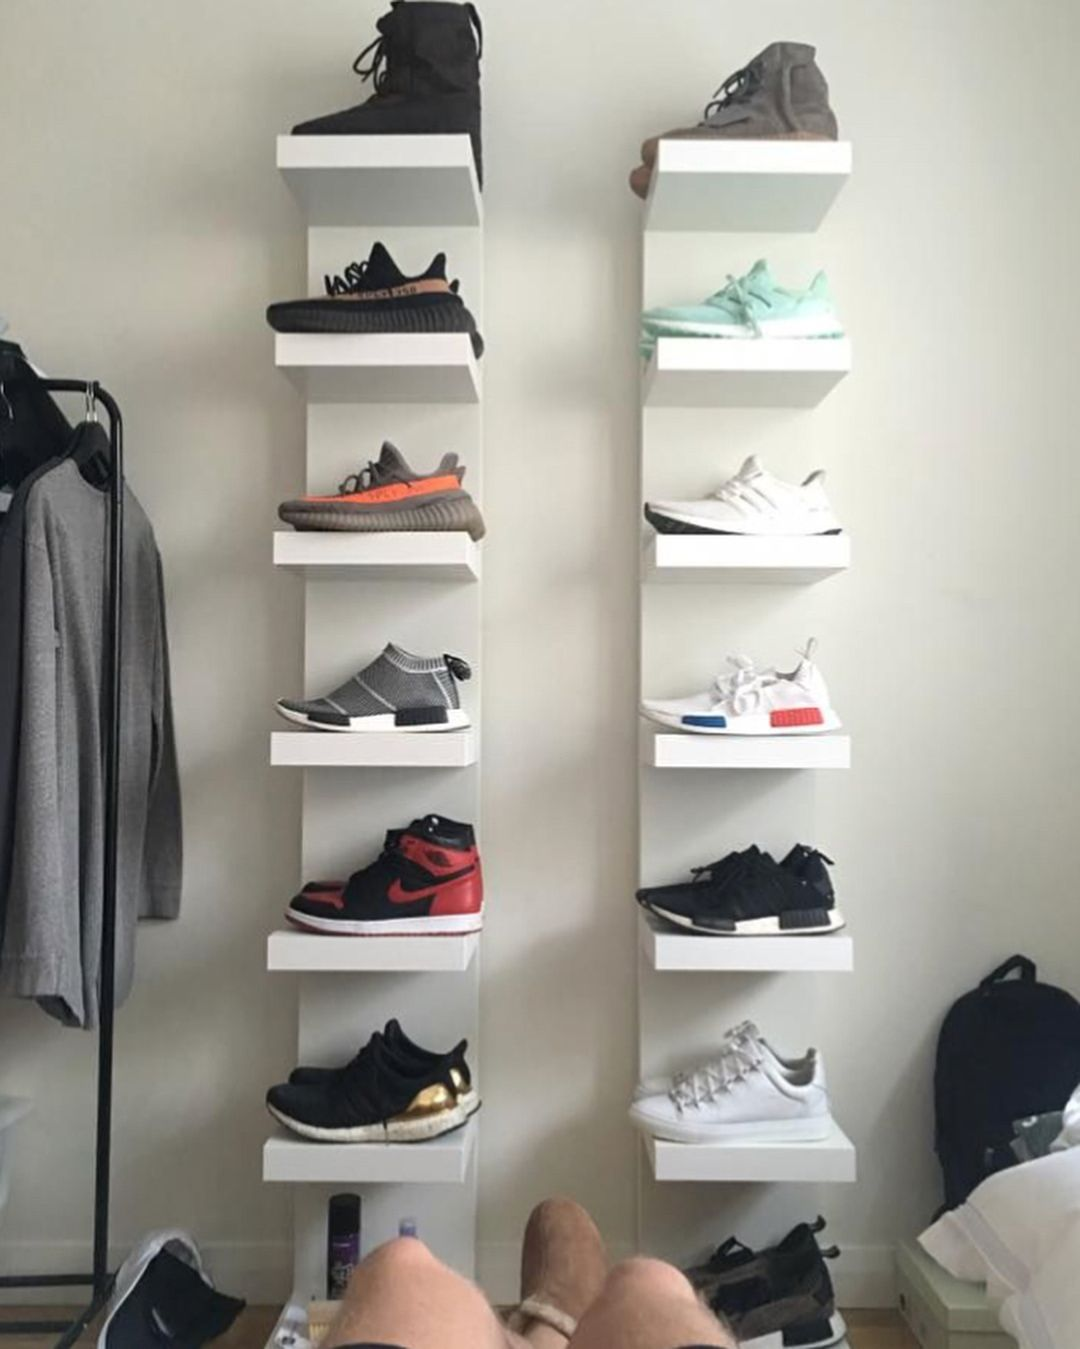 sale hypebeast ikea shoe shelf is stock